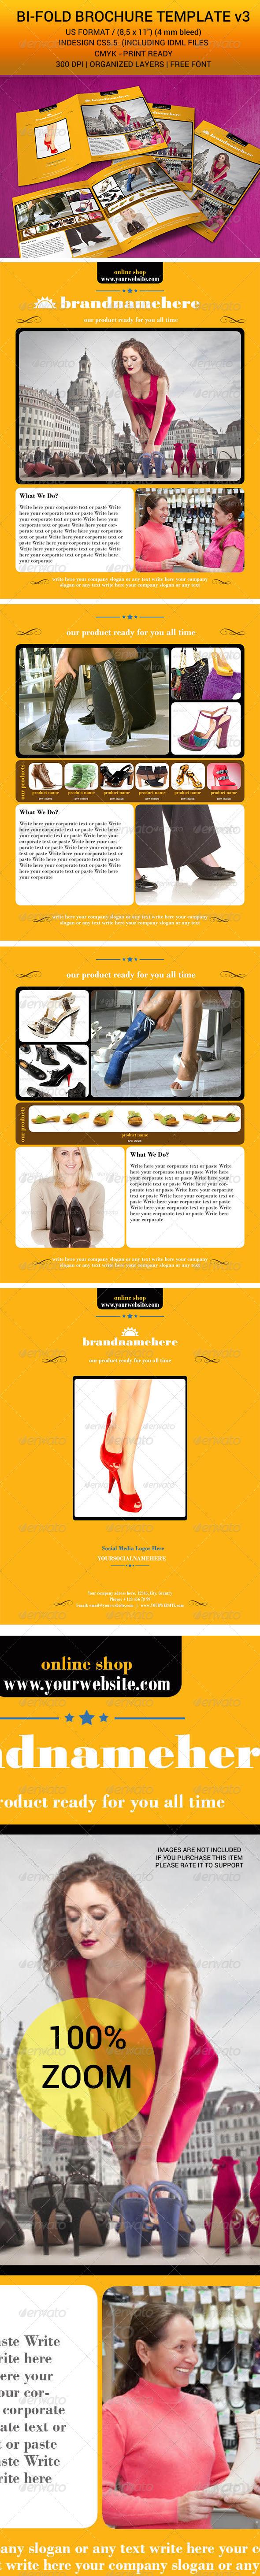 GraphicRiver Bi-Fold Brochure Indesign Template v3 7055319